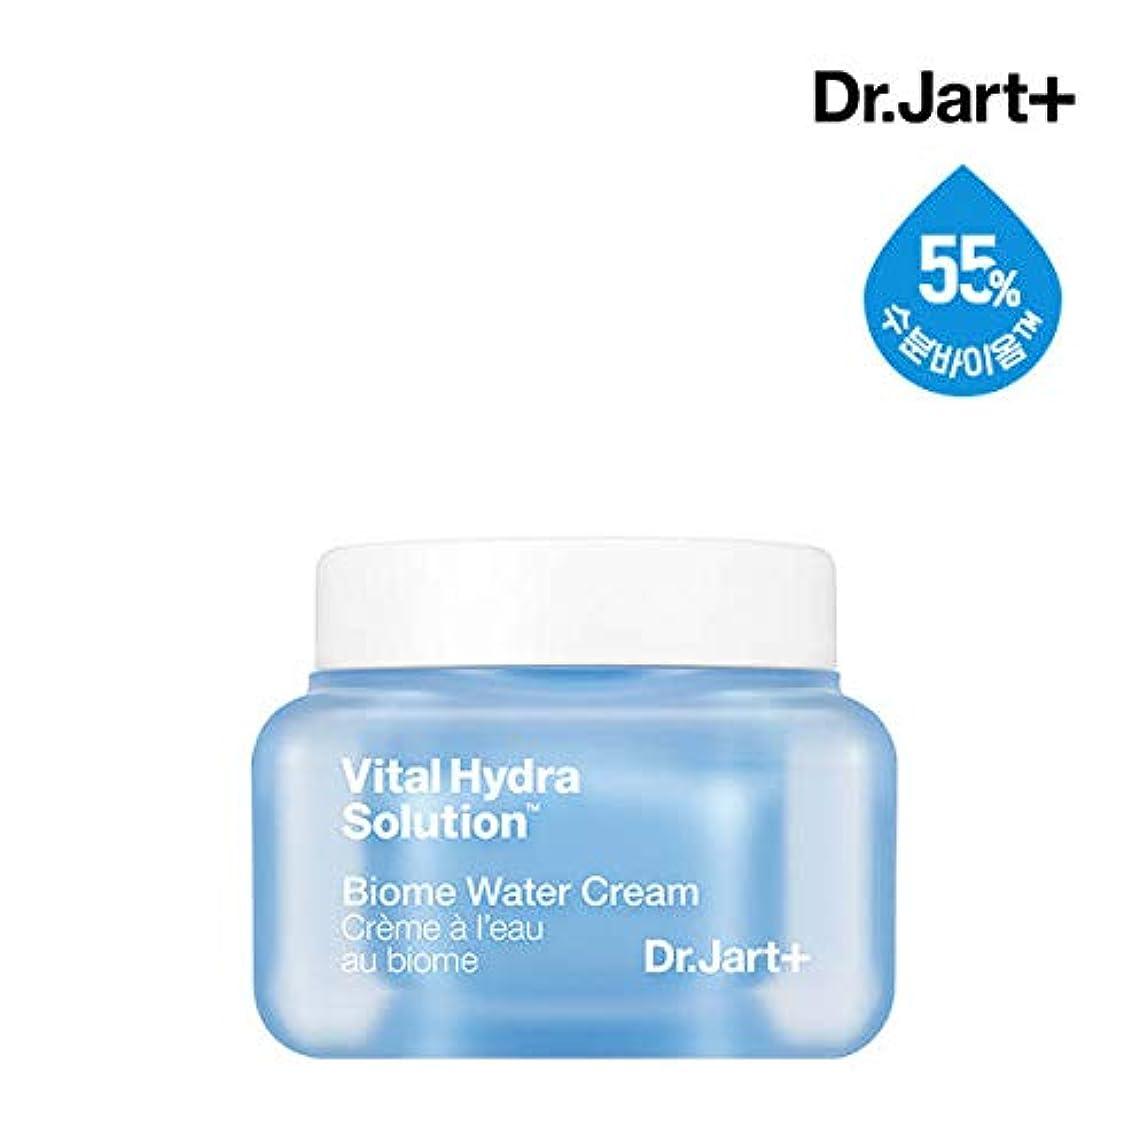 魅力的拳野ウサギドクタージャルトゥ[Dr.Jart+] バイタルハイドラソリューションバイオームウォータークリーム50ml (Vital Hydra Solution Biome Water Cream) /リフレッシュハイドレーション